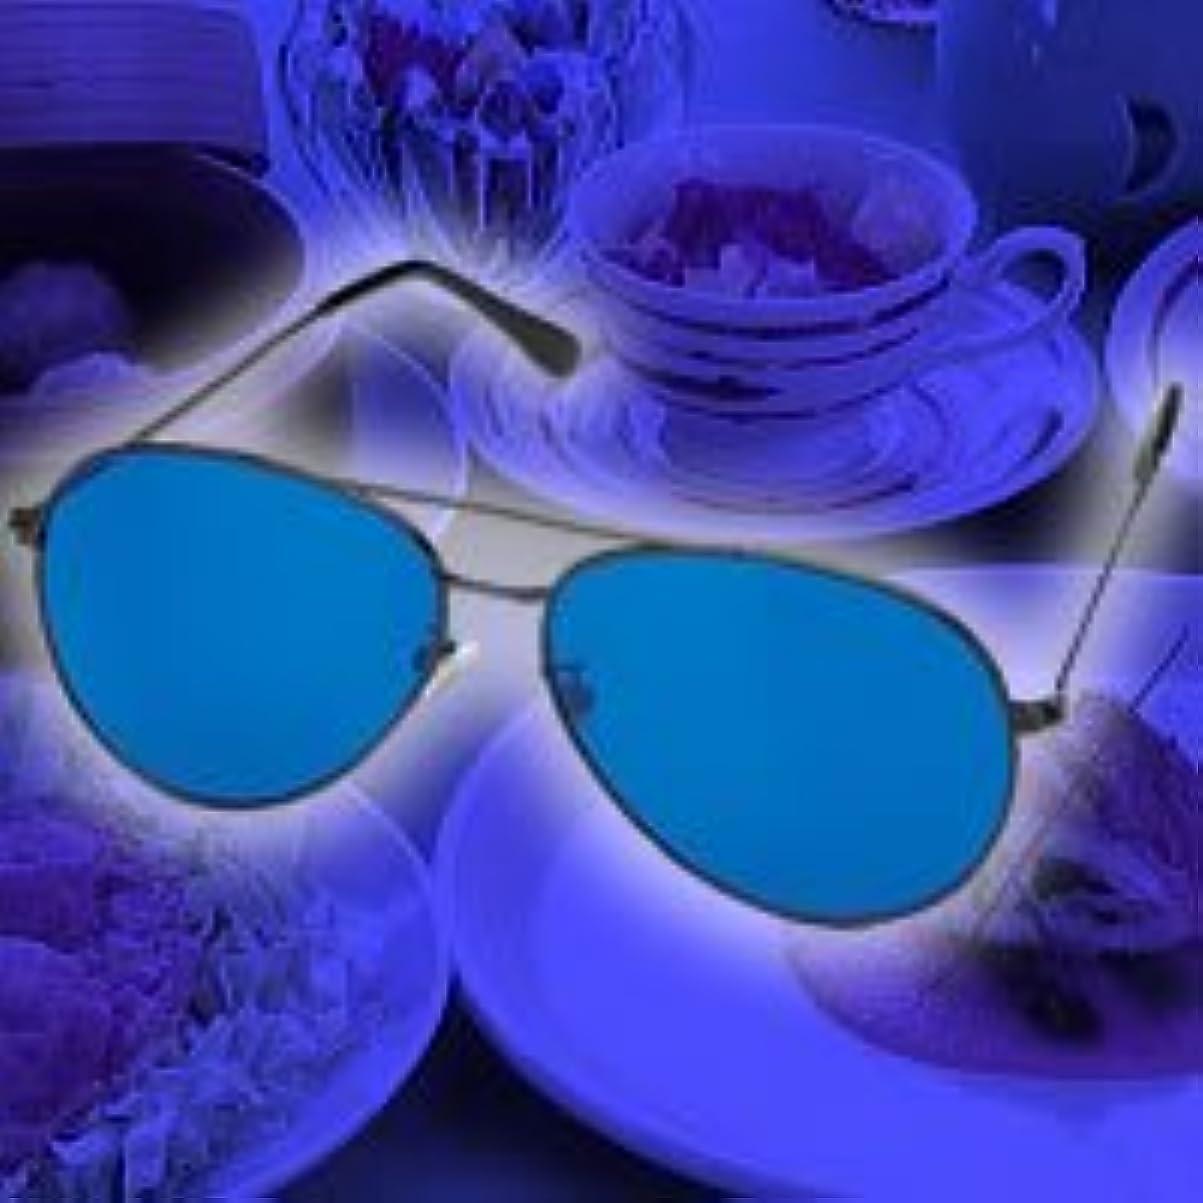 もっとペルメル誠意青色ダイエットめがね(青色めがね)食べる5分前に使用でダイエット 青色アイグラス リラックスで食欲を抑える 青色めがねダイエット